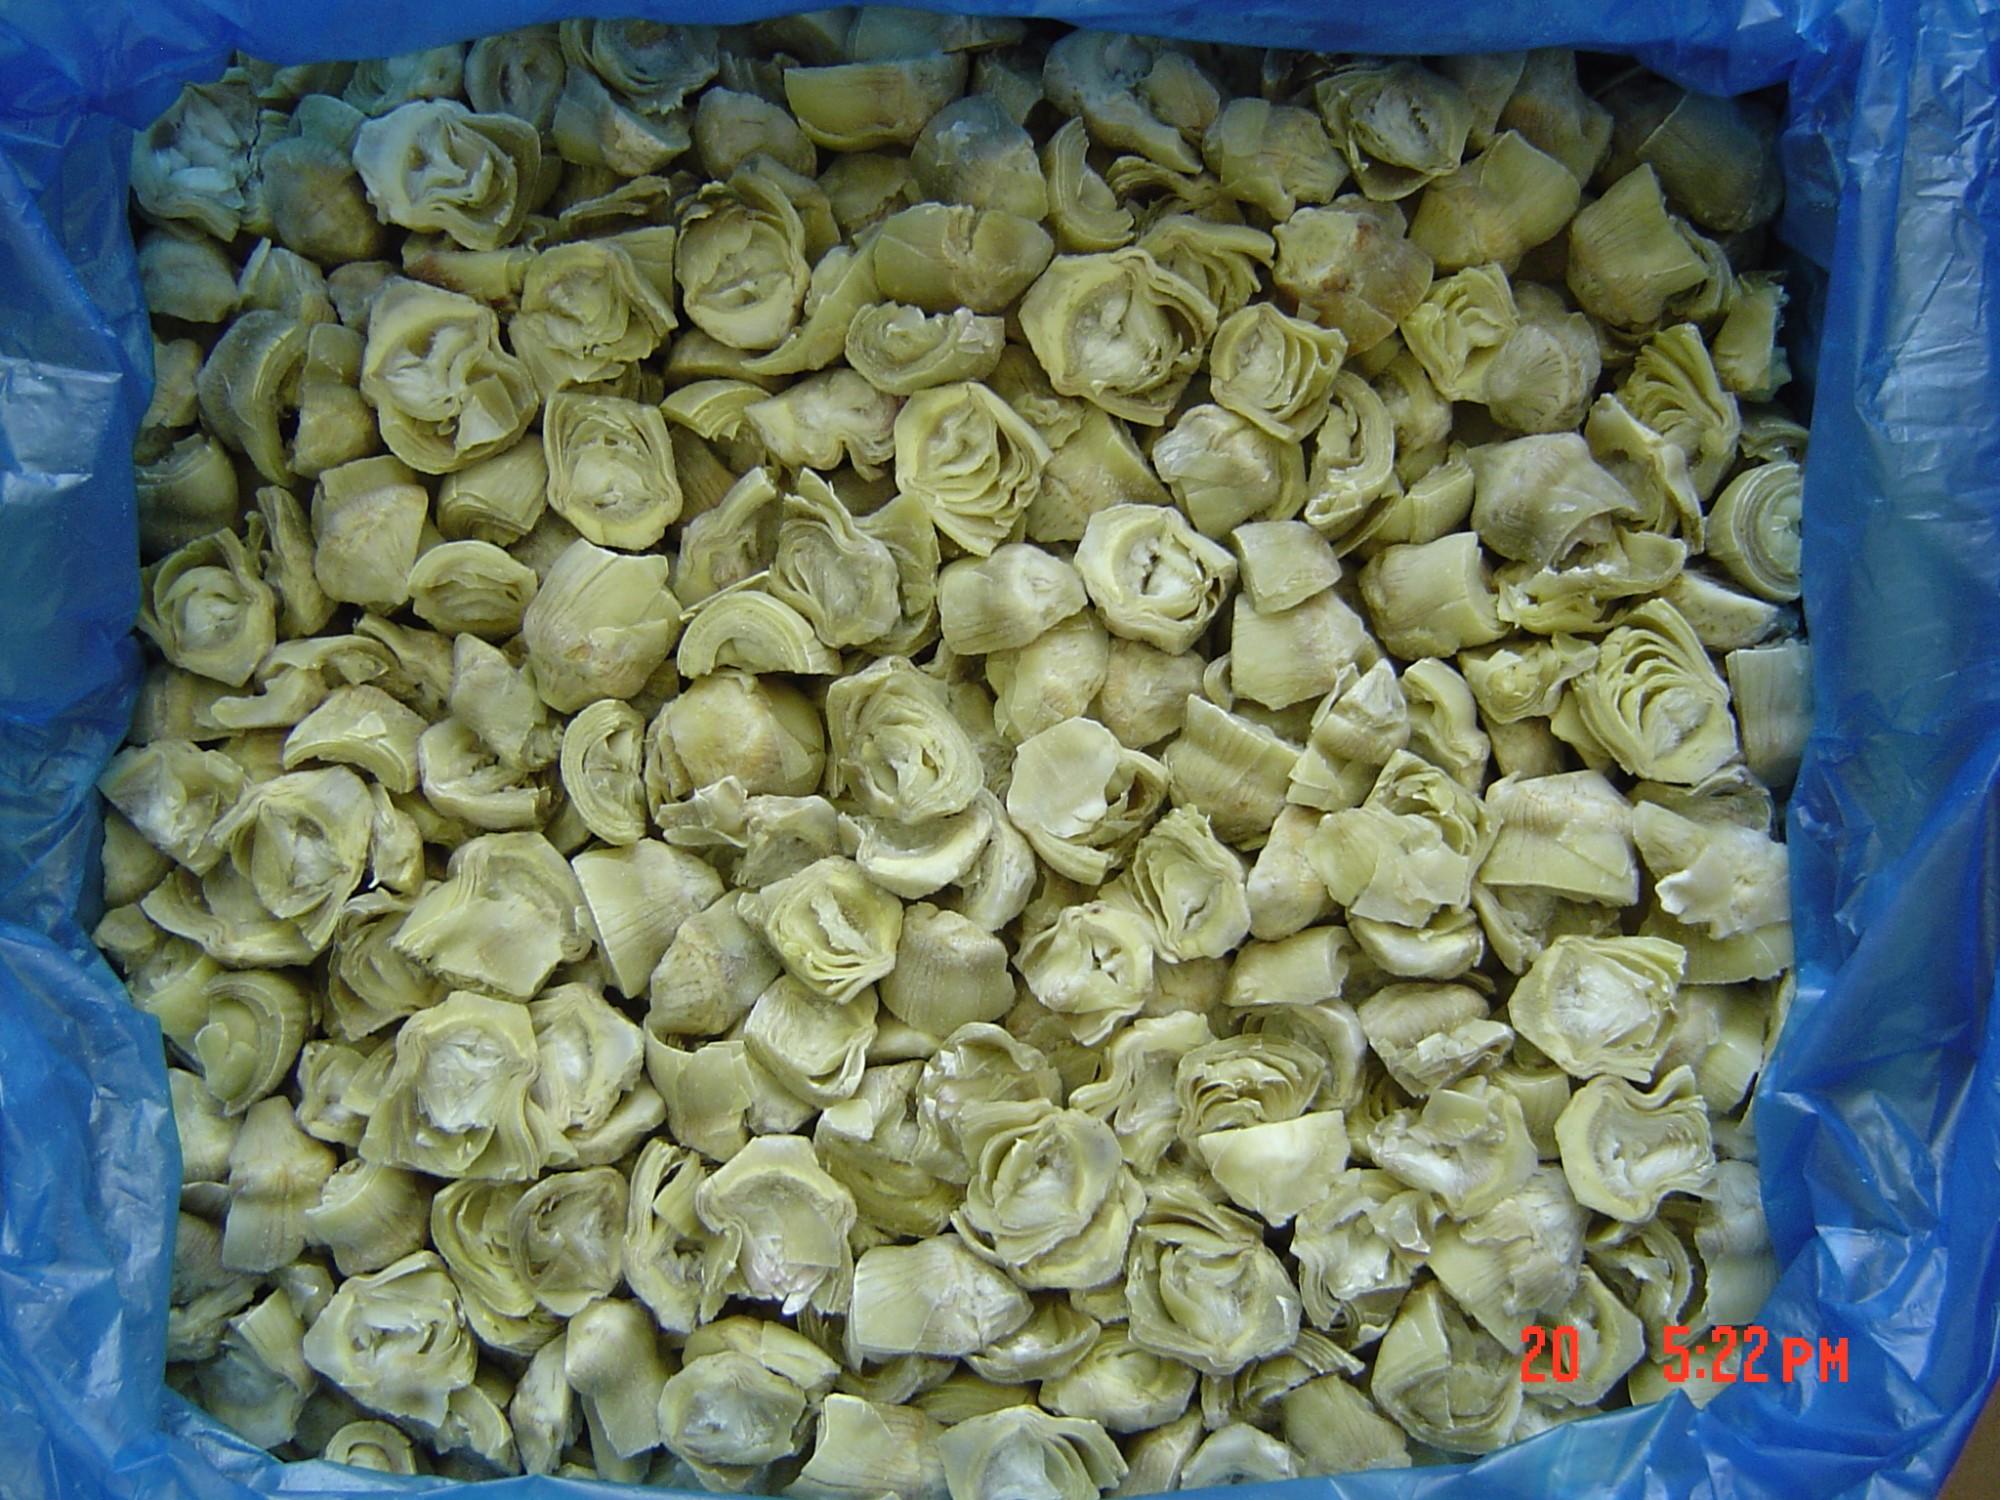 IQF Frozen artichokes Manufacturers, IQF Frozen artichokes Factory, Supply IQF Frozen artichokes